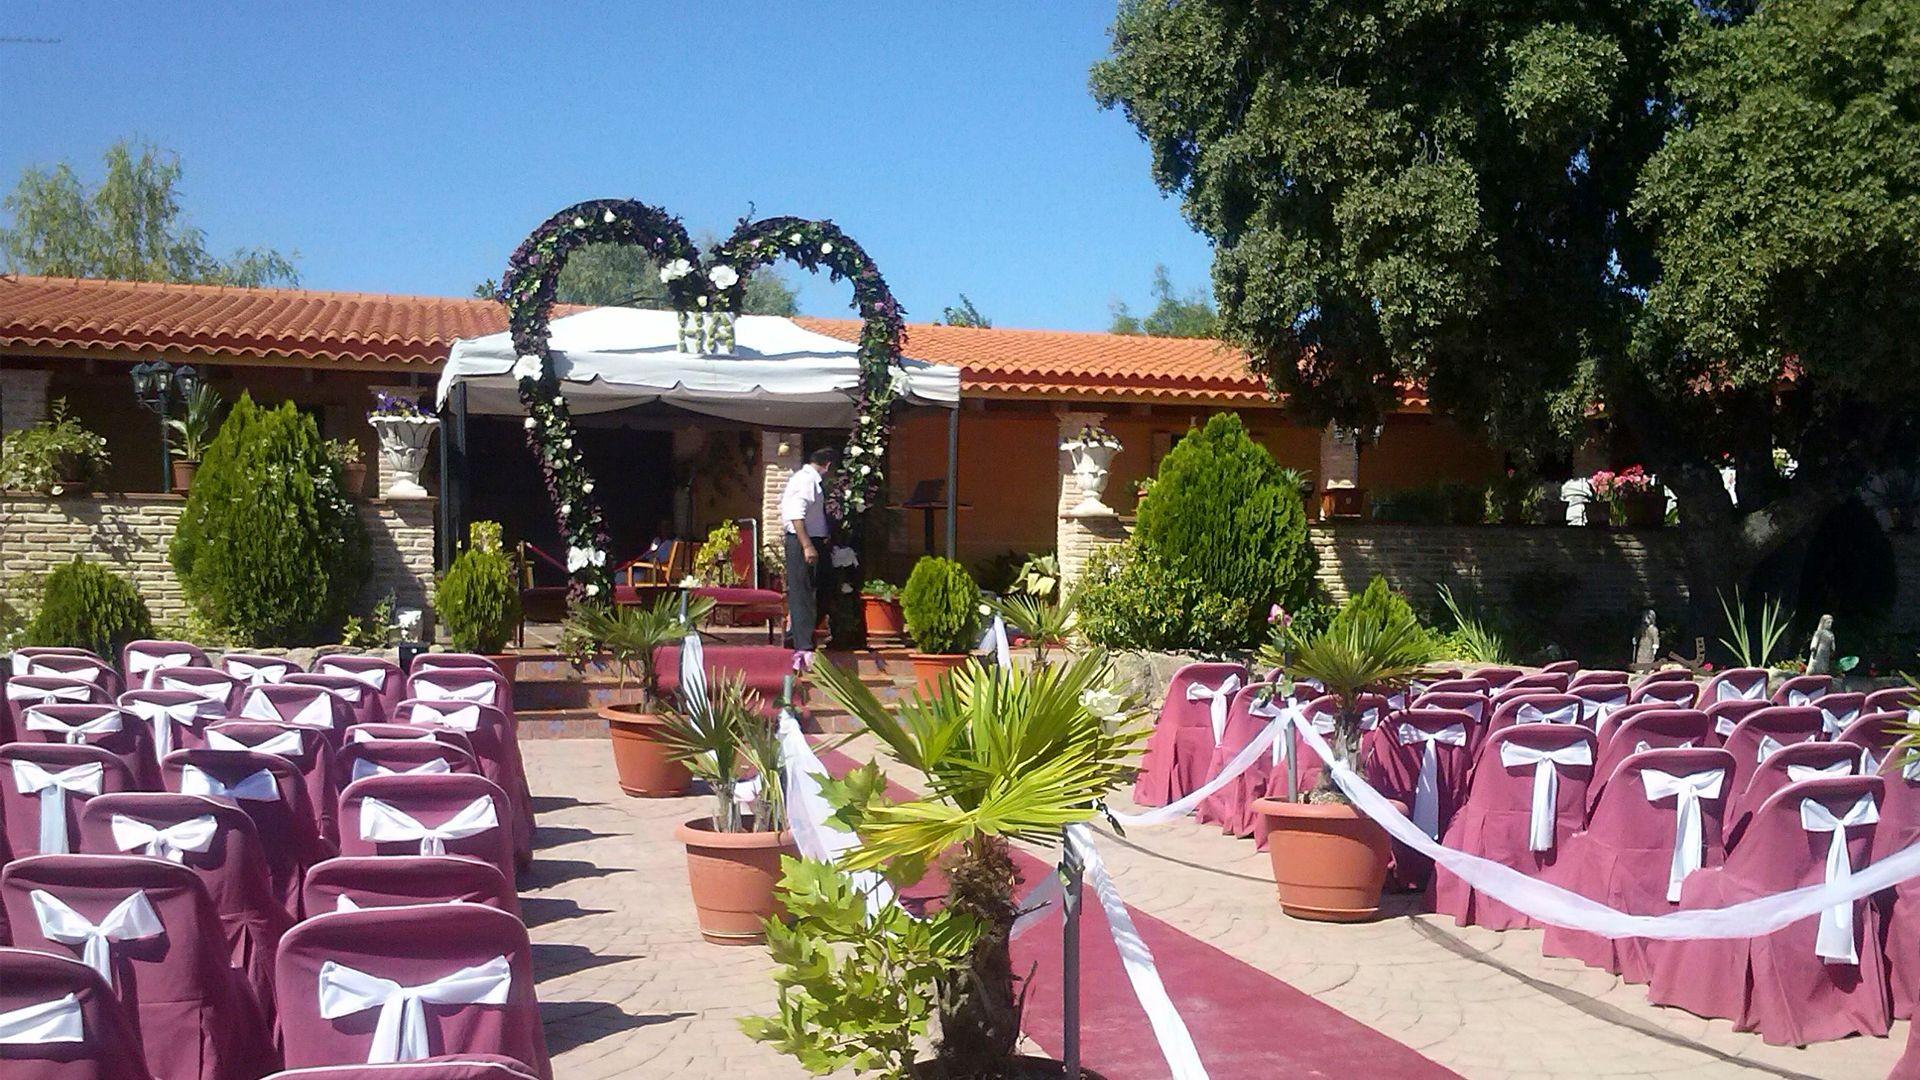 Fincas para celebrar bodas en Arroyomolinos